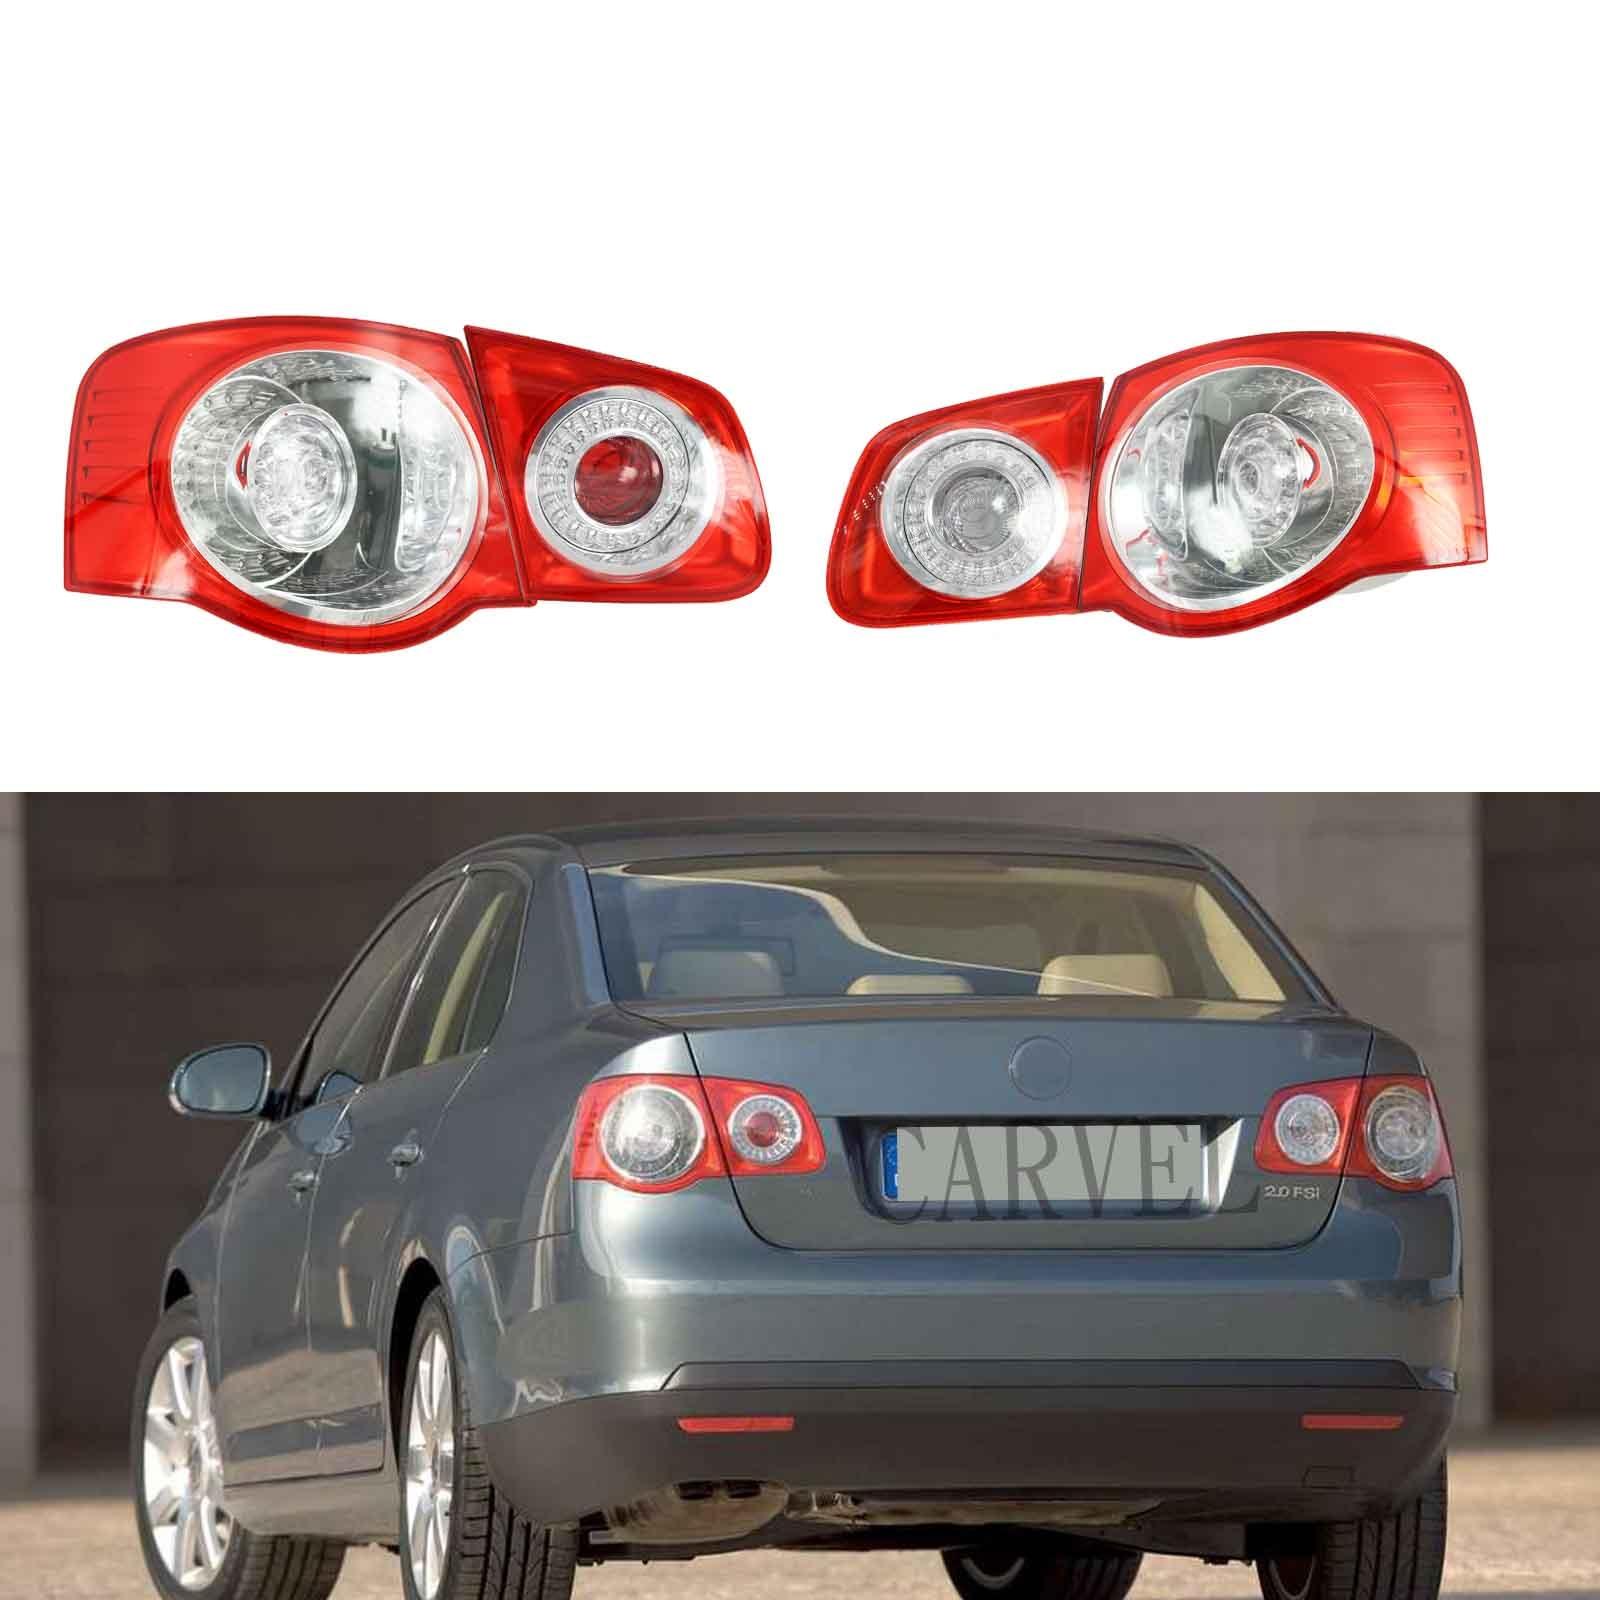 Car Led Light For VW Jetta V 5 2005 2006 2007 2008 2009 2010 2011 New LED Rear Tail Light Lamp